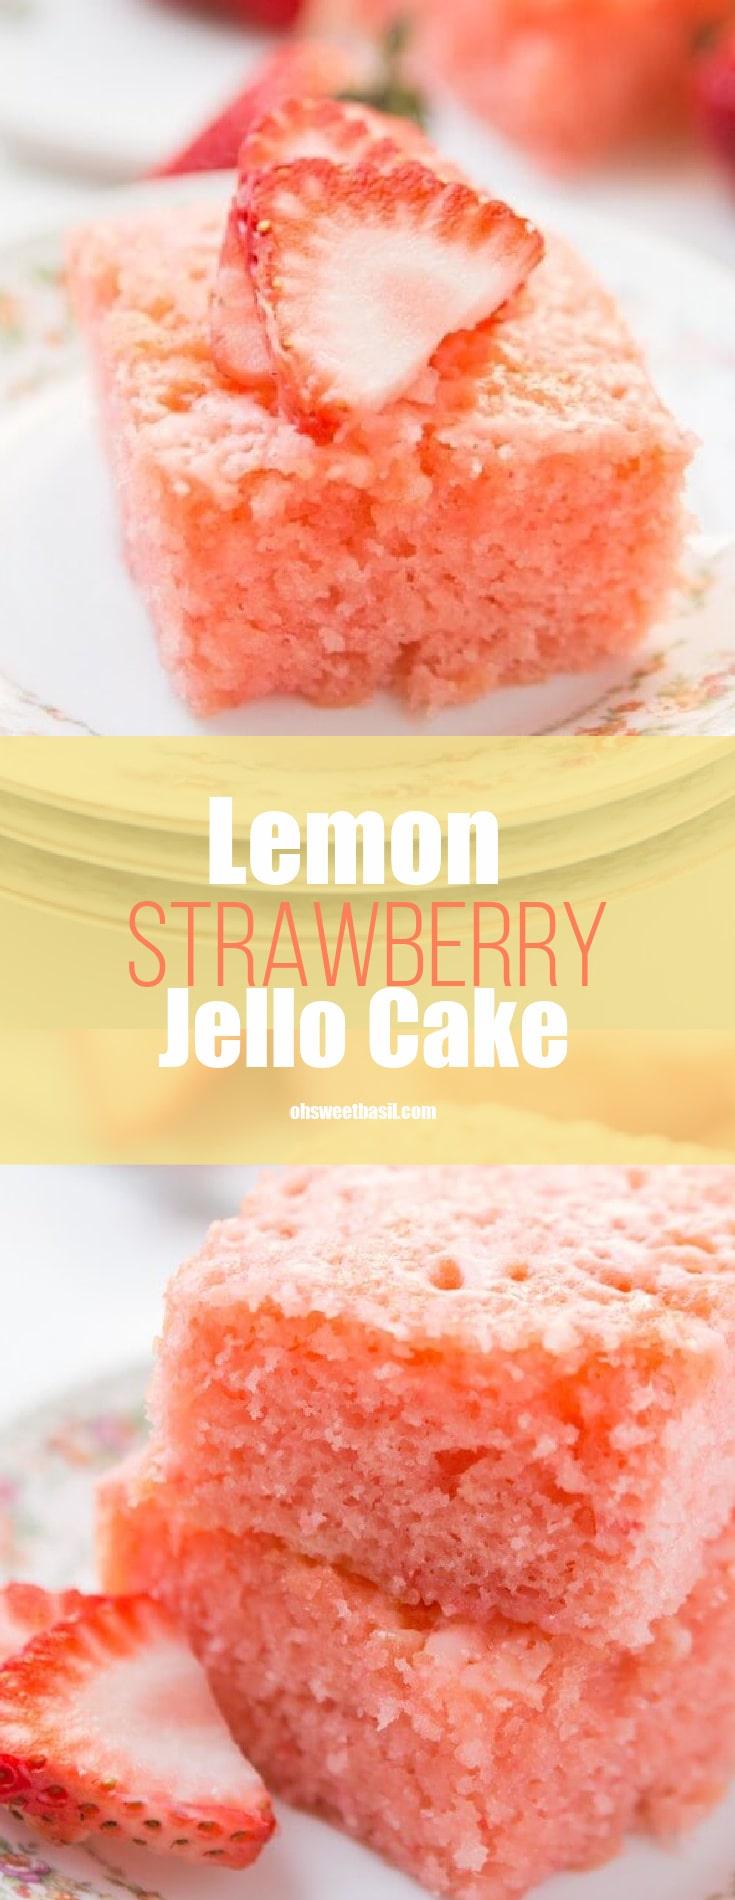 A piece of strawberry lemonade jello cake